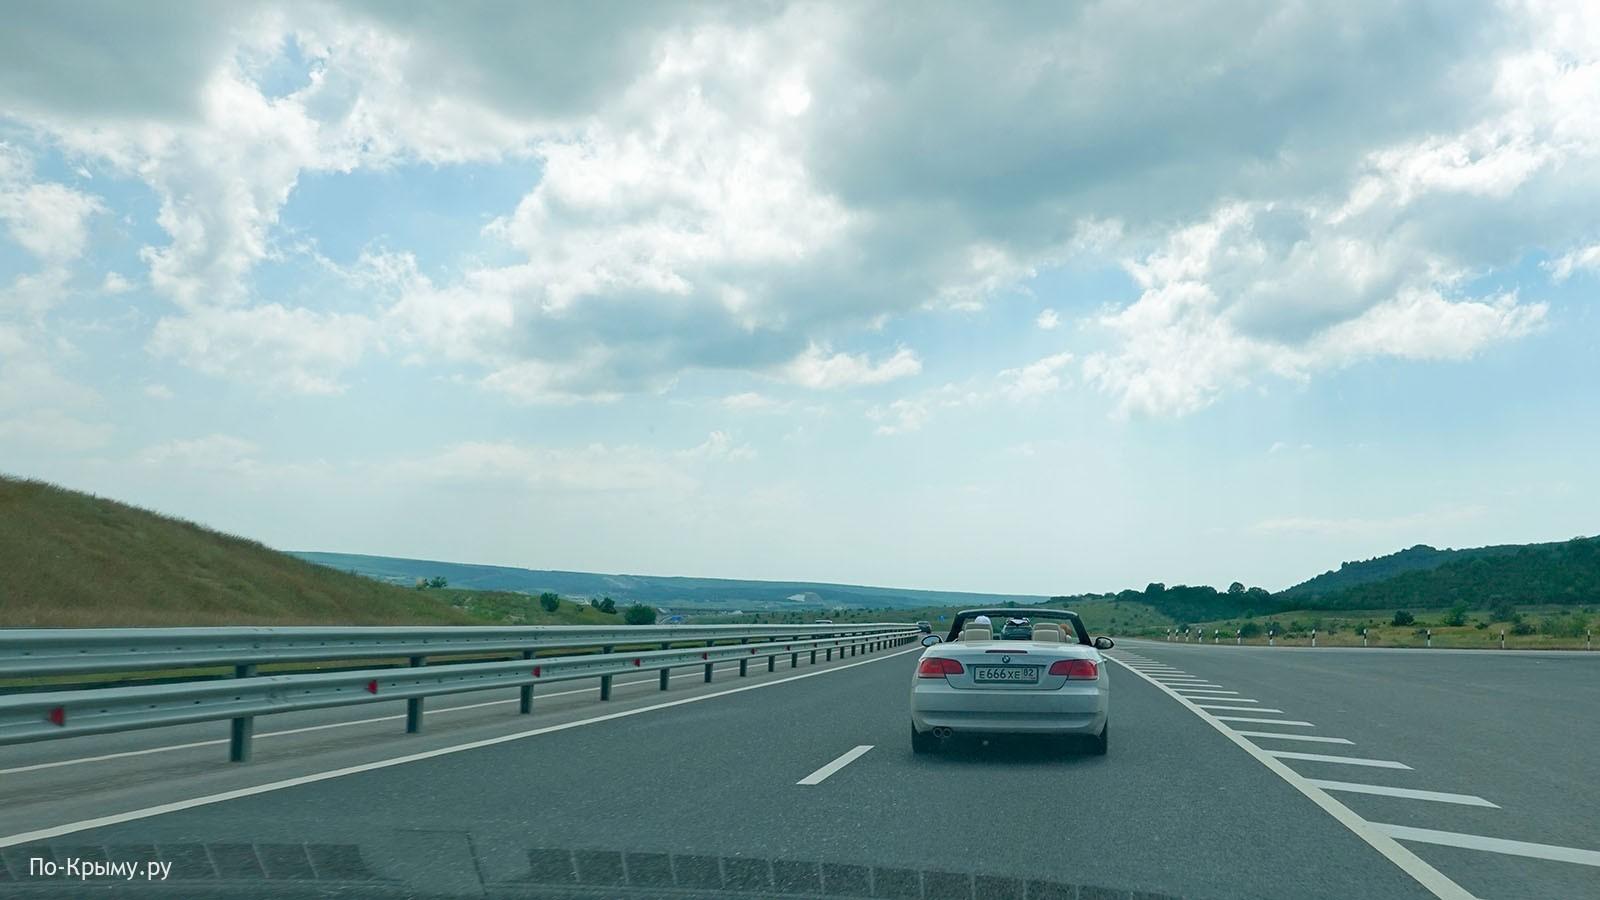 Аренда авто в Крыму: какие документы нужны?